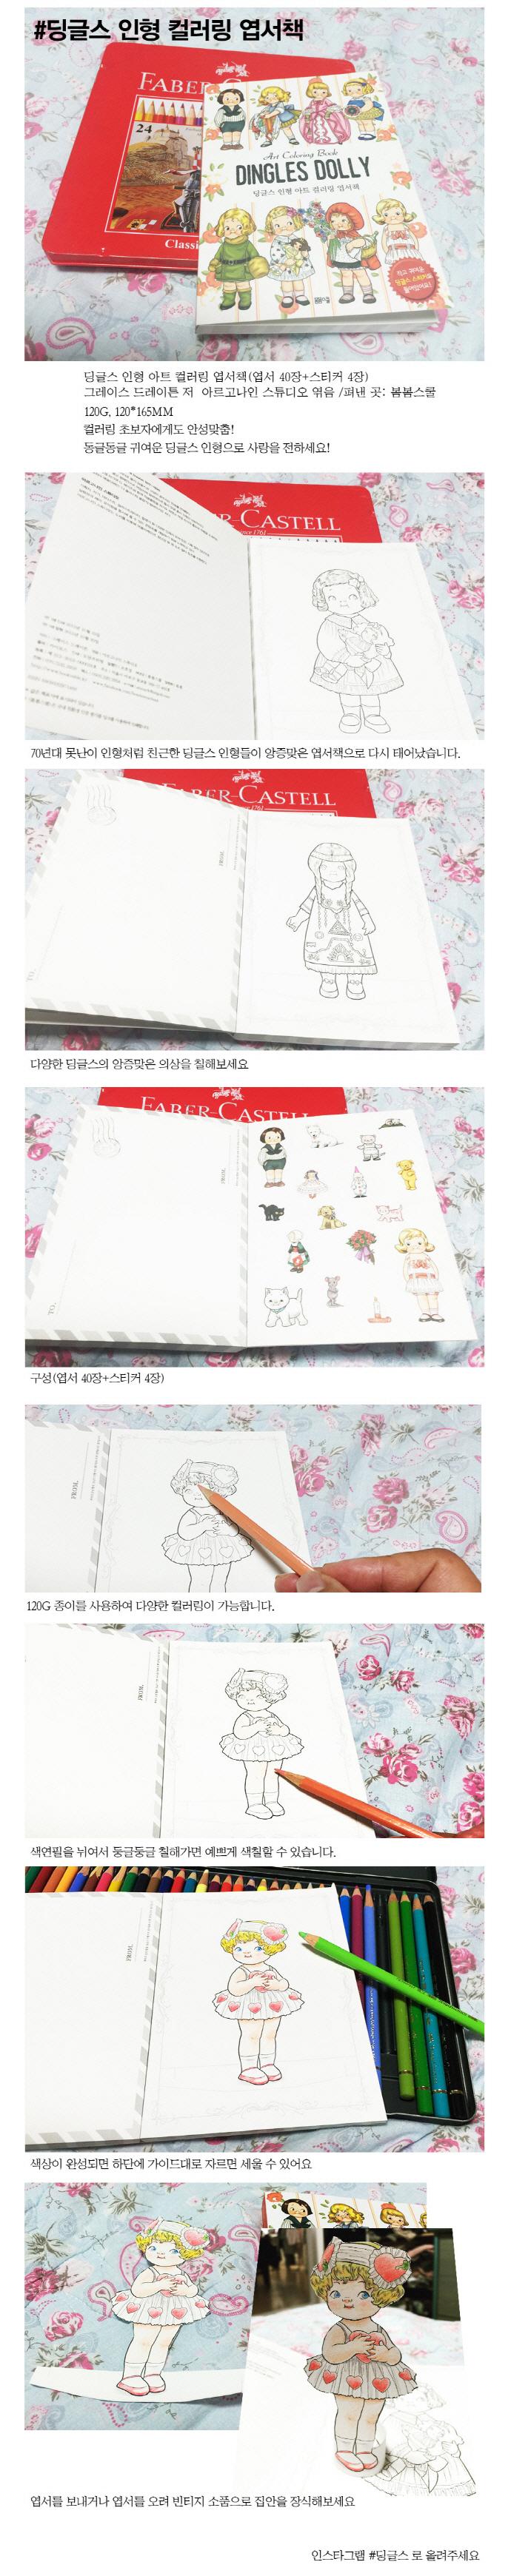 딩글스 인형 아트 컬러링 엽서책 도서 상세이미지